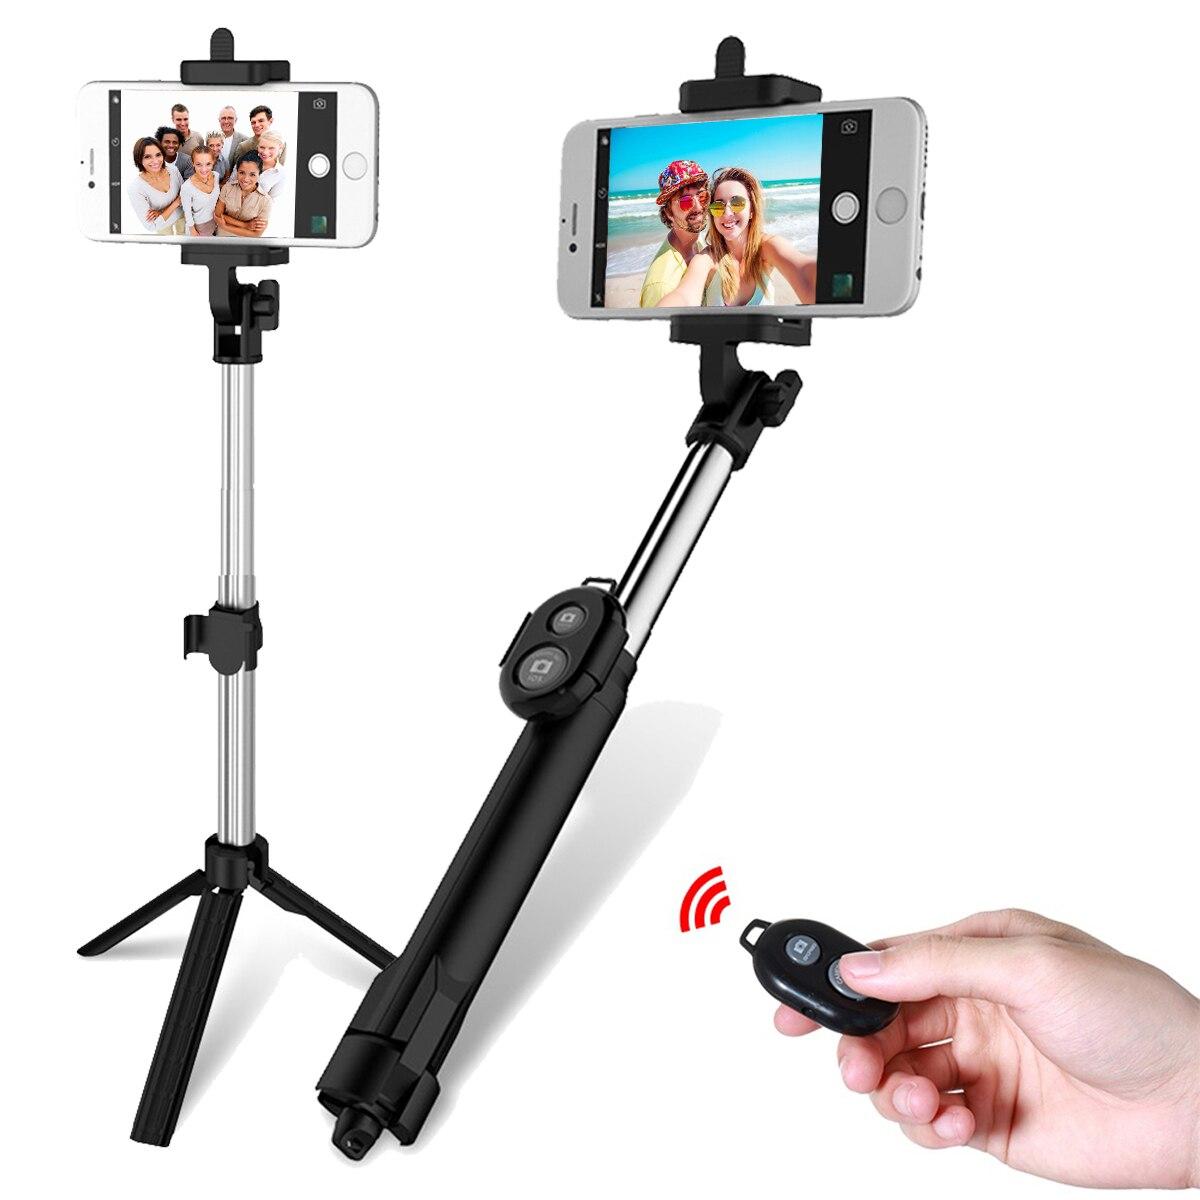 [해외]접이식 삼각대와 브랜드 foldable selfie 스틱 셀프 블루투스 selfie 스틱 블루투스 셔터 원격 컨트롤러 카메라 도구/접이식 삼각대와 브랜드 foldable selfie 스틱 셀프 블루투스 selfie 스틱 블루투스 셔터 원격 컨트